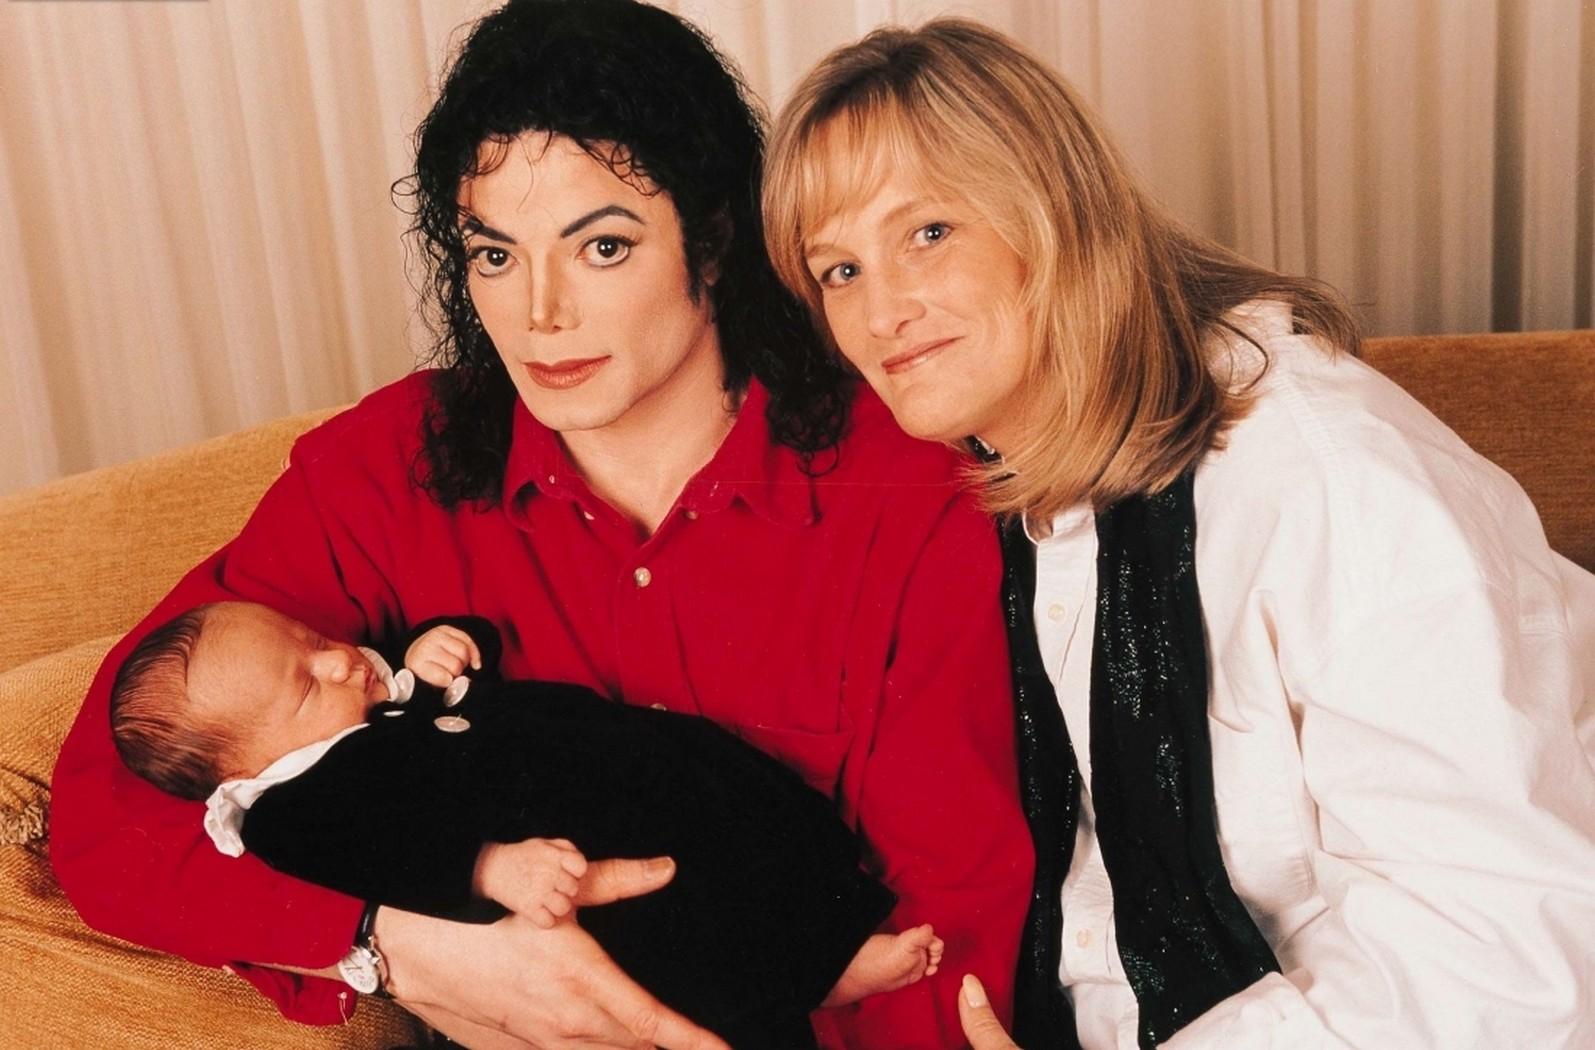 Майкл с дебби роу между ними были сексуальные отношения